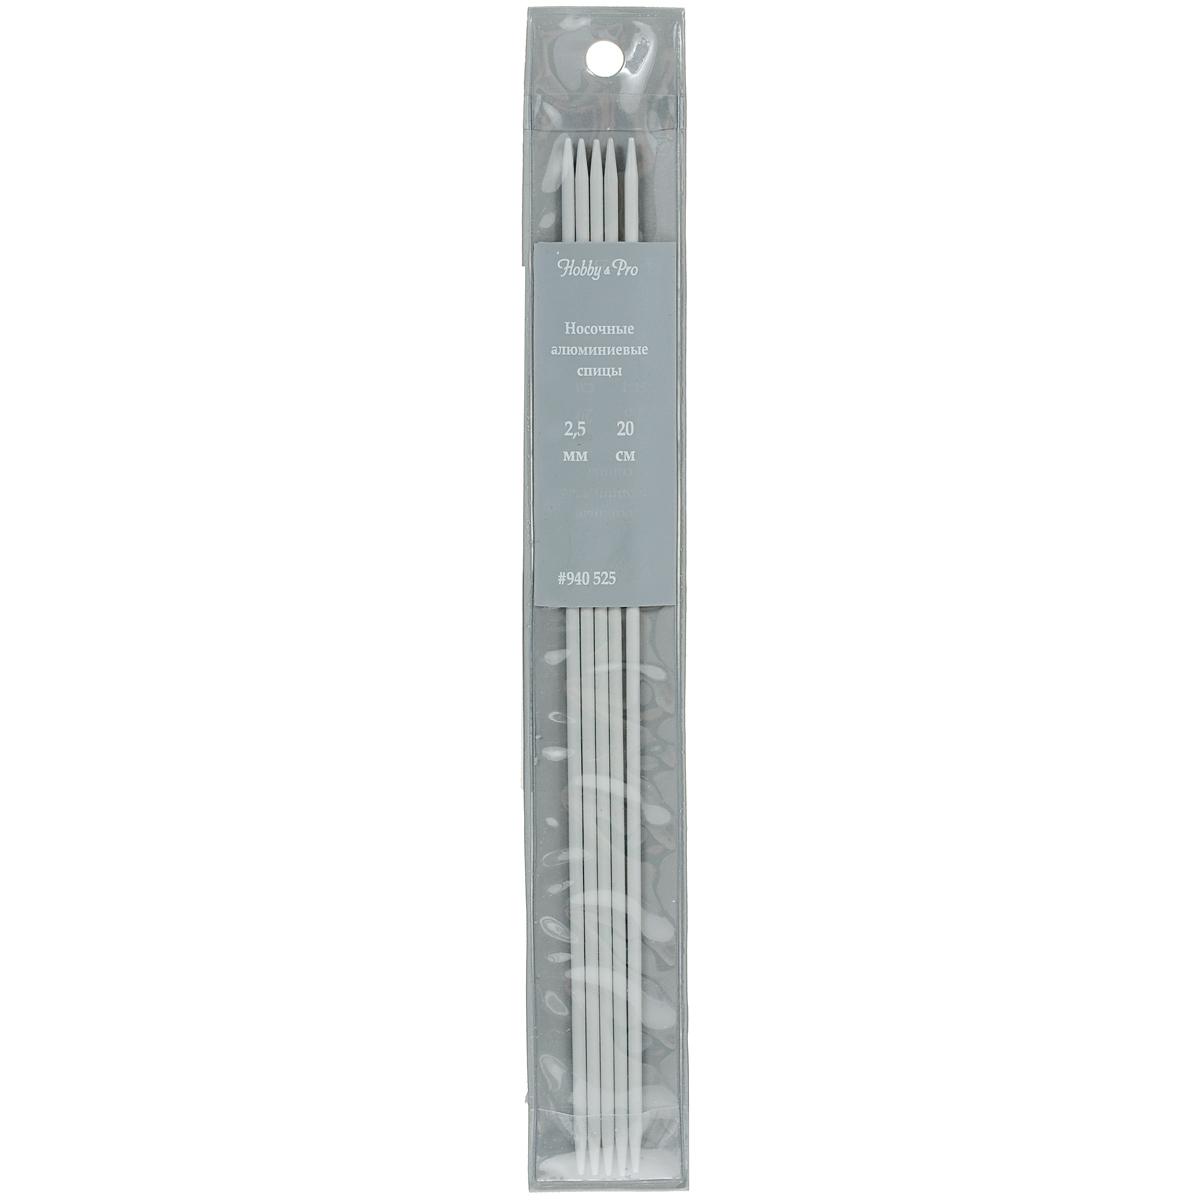 Спицы носочные Hobby & Pro, алюминиевые, прямые, диаметр 2,5 мм, длина 20 см, 5 шт7700048Спицы для вязания Hobby & Pro изготовлены из высококачественного алюминия с тефлоновым покрытием. Спицы прочные, легкие, гладкие, удобные в использовании. Кончики спиц закругленные. Спицы без ограничителей предназначены для вязания шапочек, варежек и носков. Вы сможете вязать для себя и делать подарки друзьям. Рукоделие всегда считалось изысканным, благородным делом. Работа, сделанная своими руками, долго будет радовать вас и ваших близких.